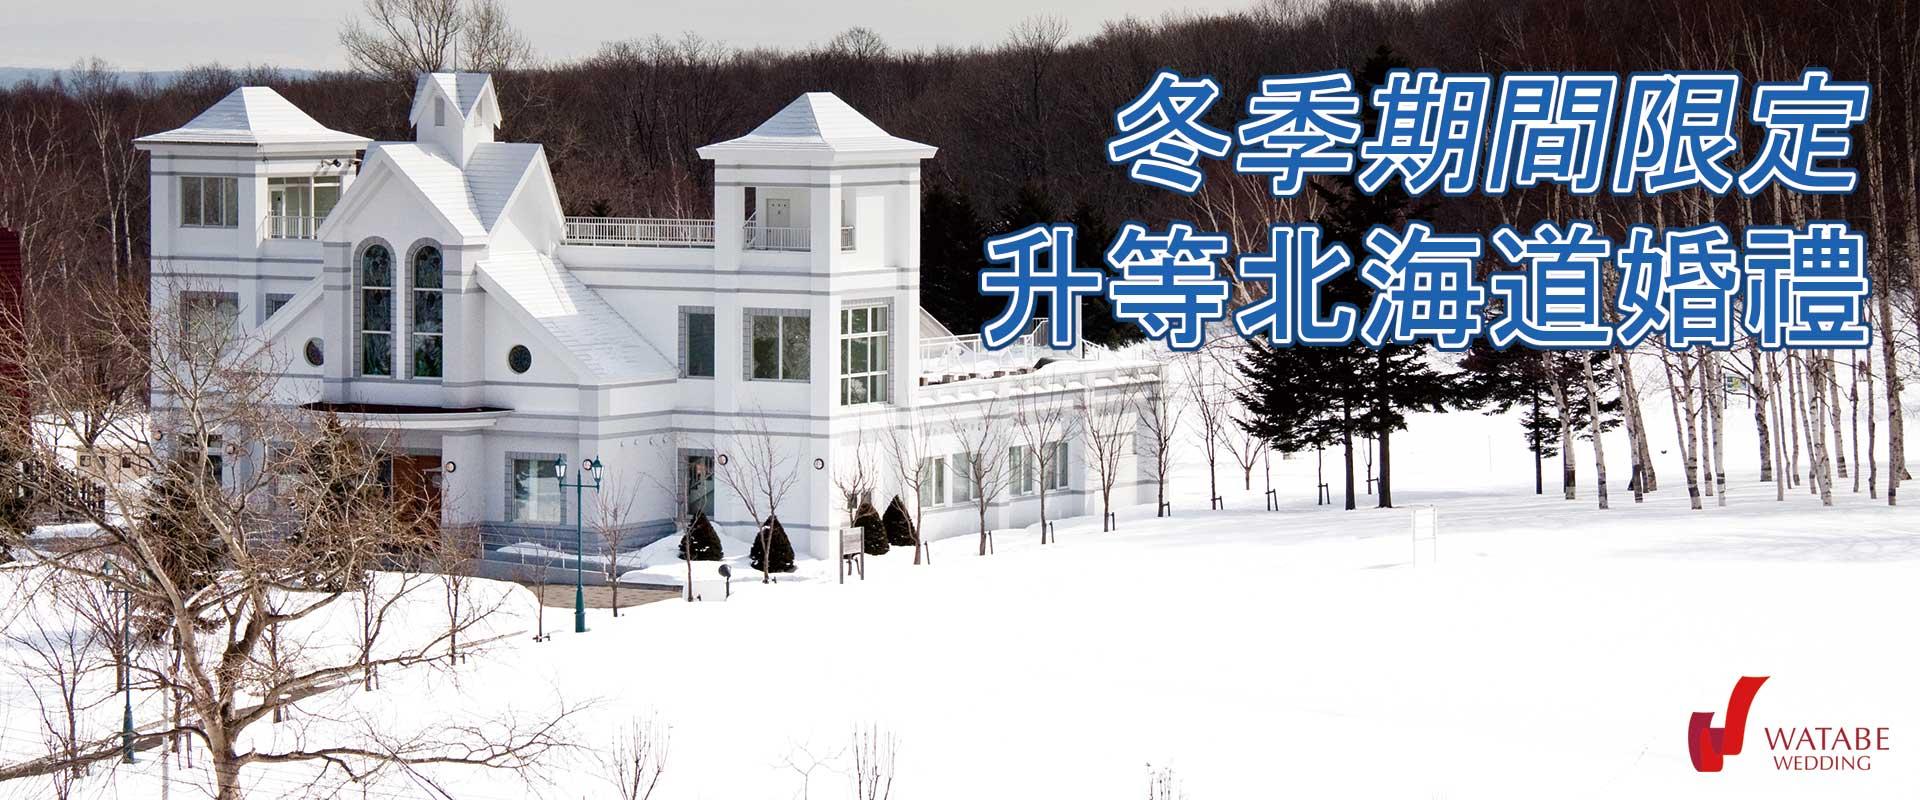 冬季期間限定,升等北海道婚禮